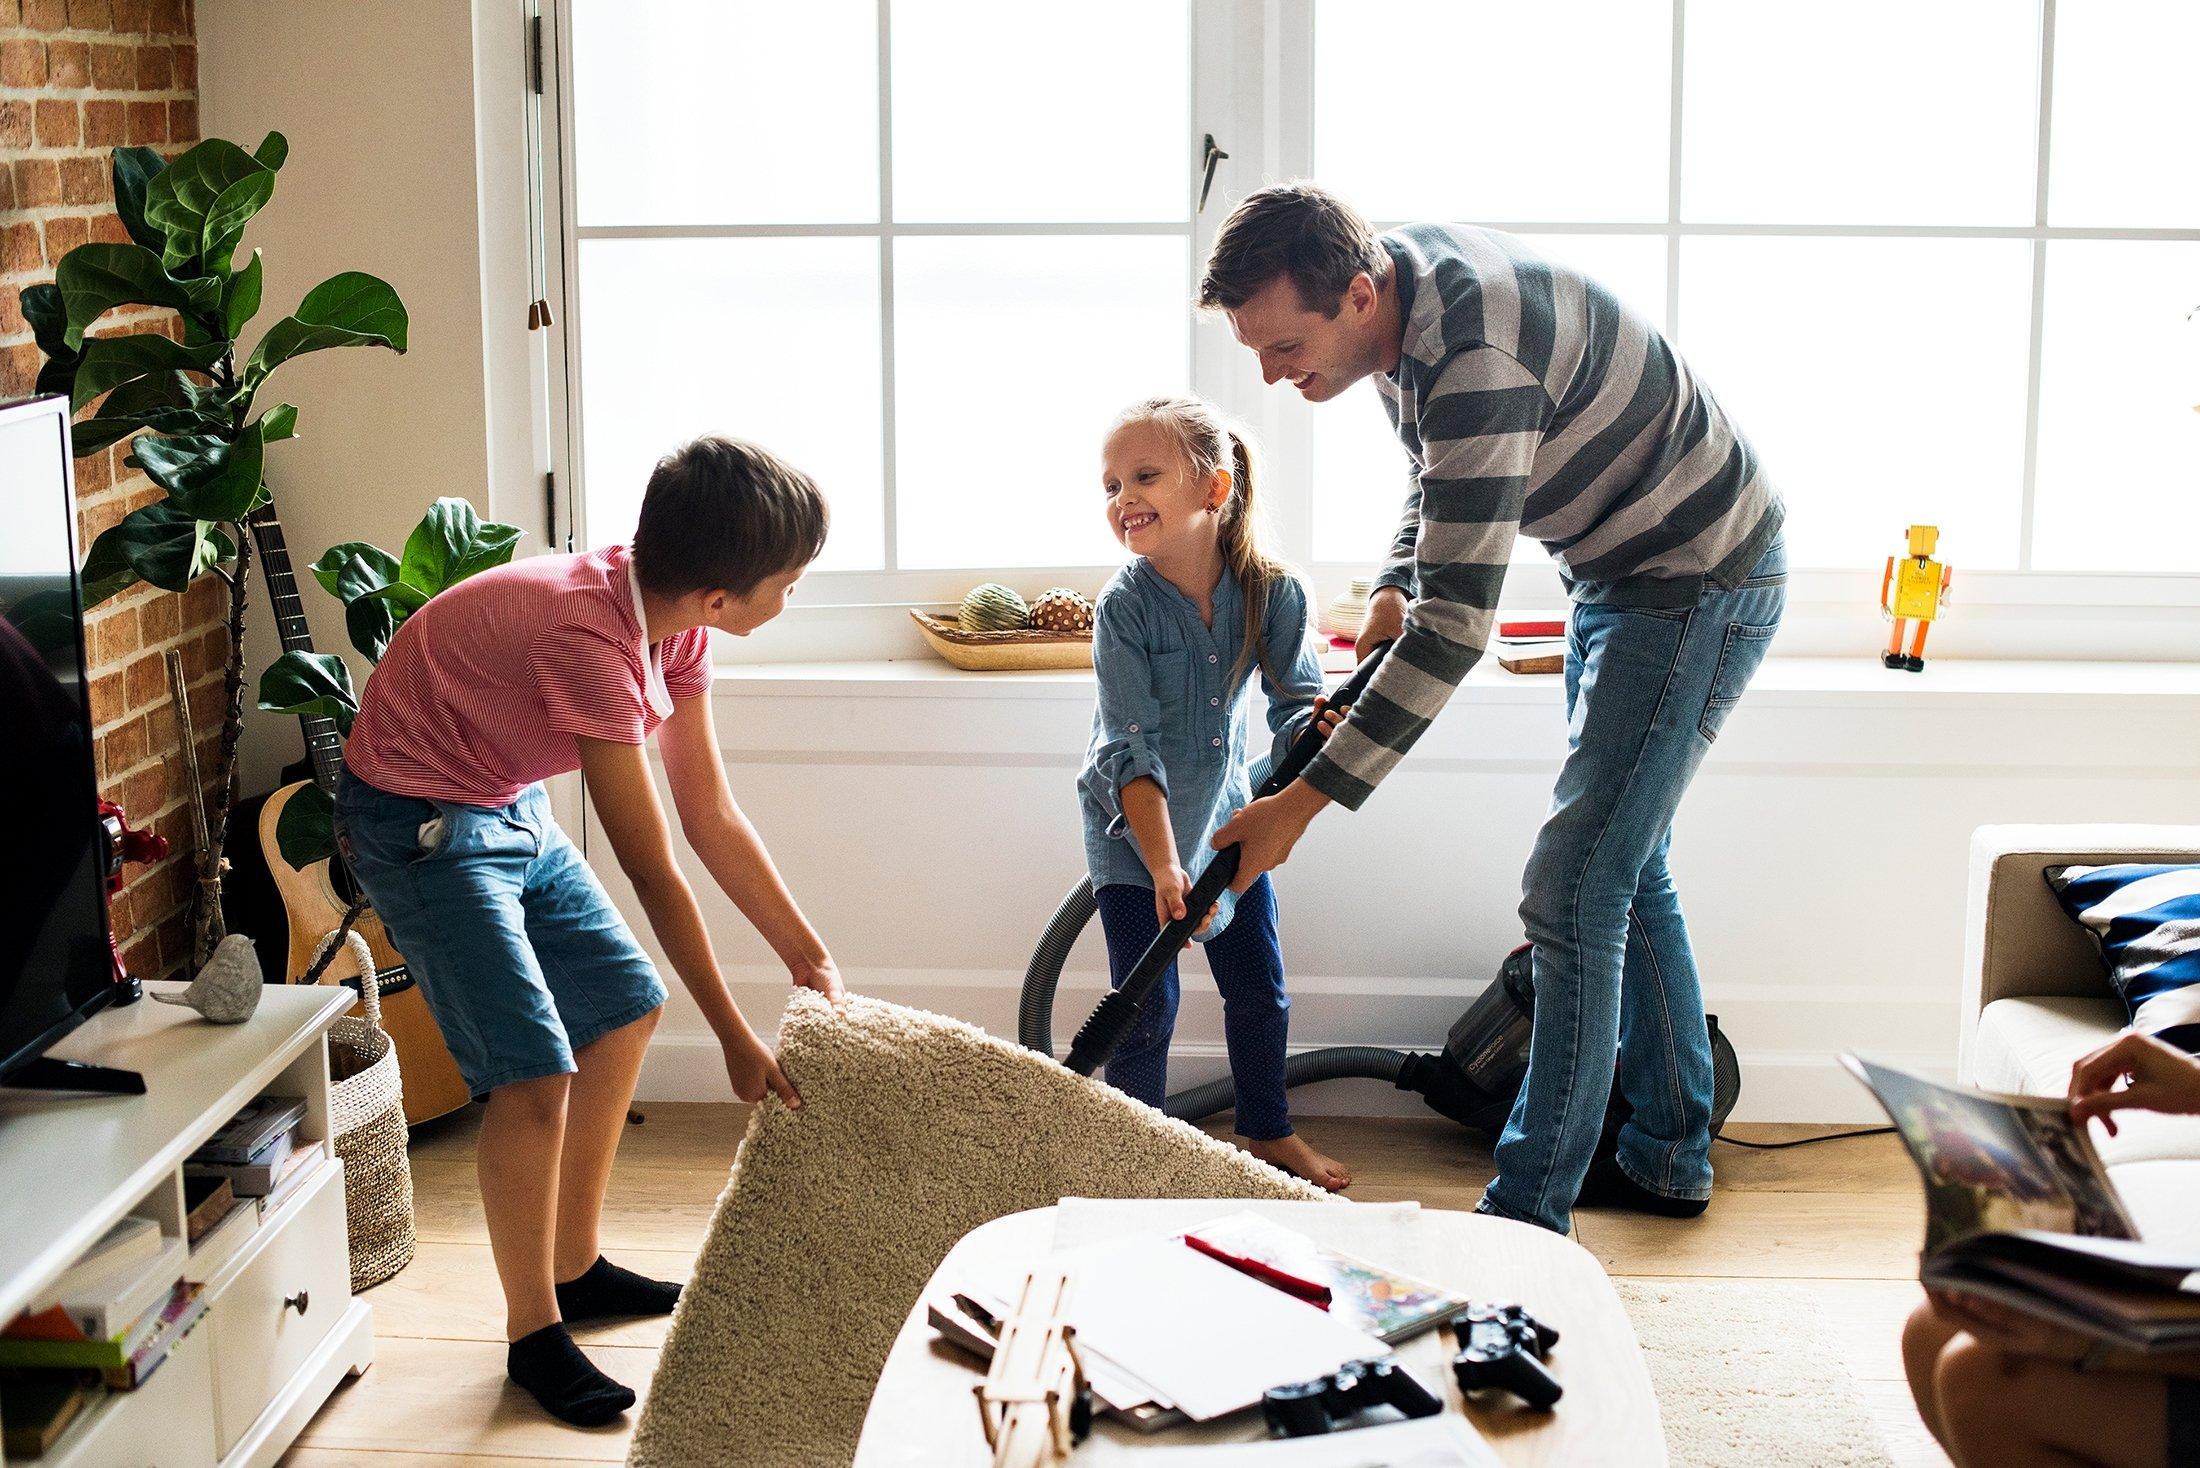 Keluarga Turki membersihkan rumah mereka dari atas ke bawah sebelum bayram.  (Foto Shutterstock)